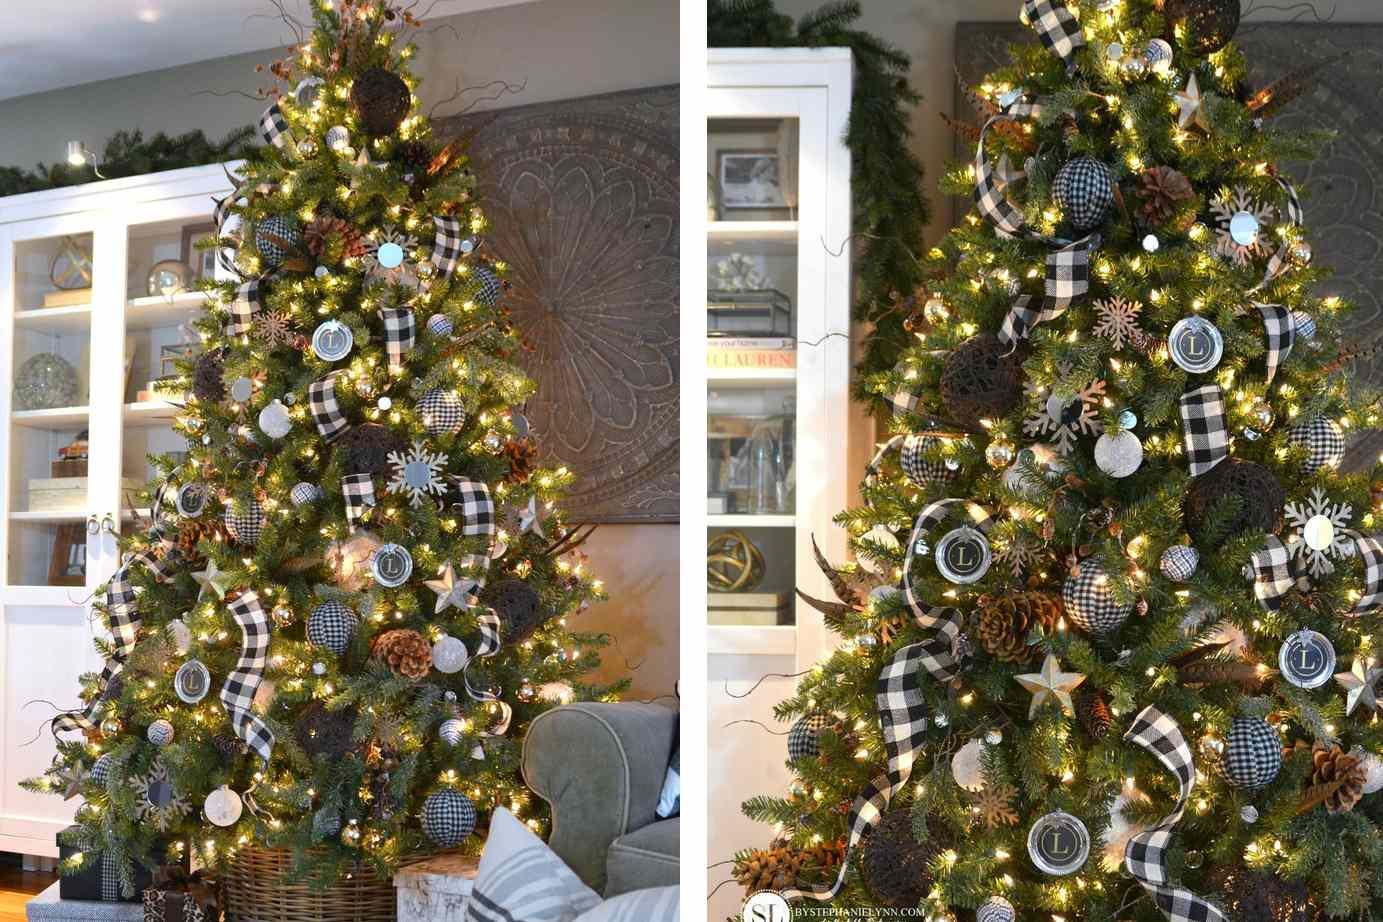 Árbol de Navidad con guirnalda de plata y adornos cerca de una ventana